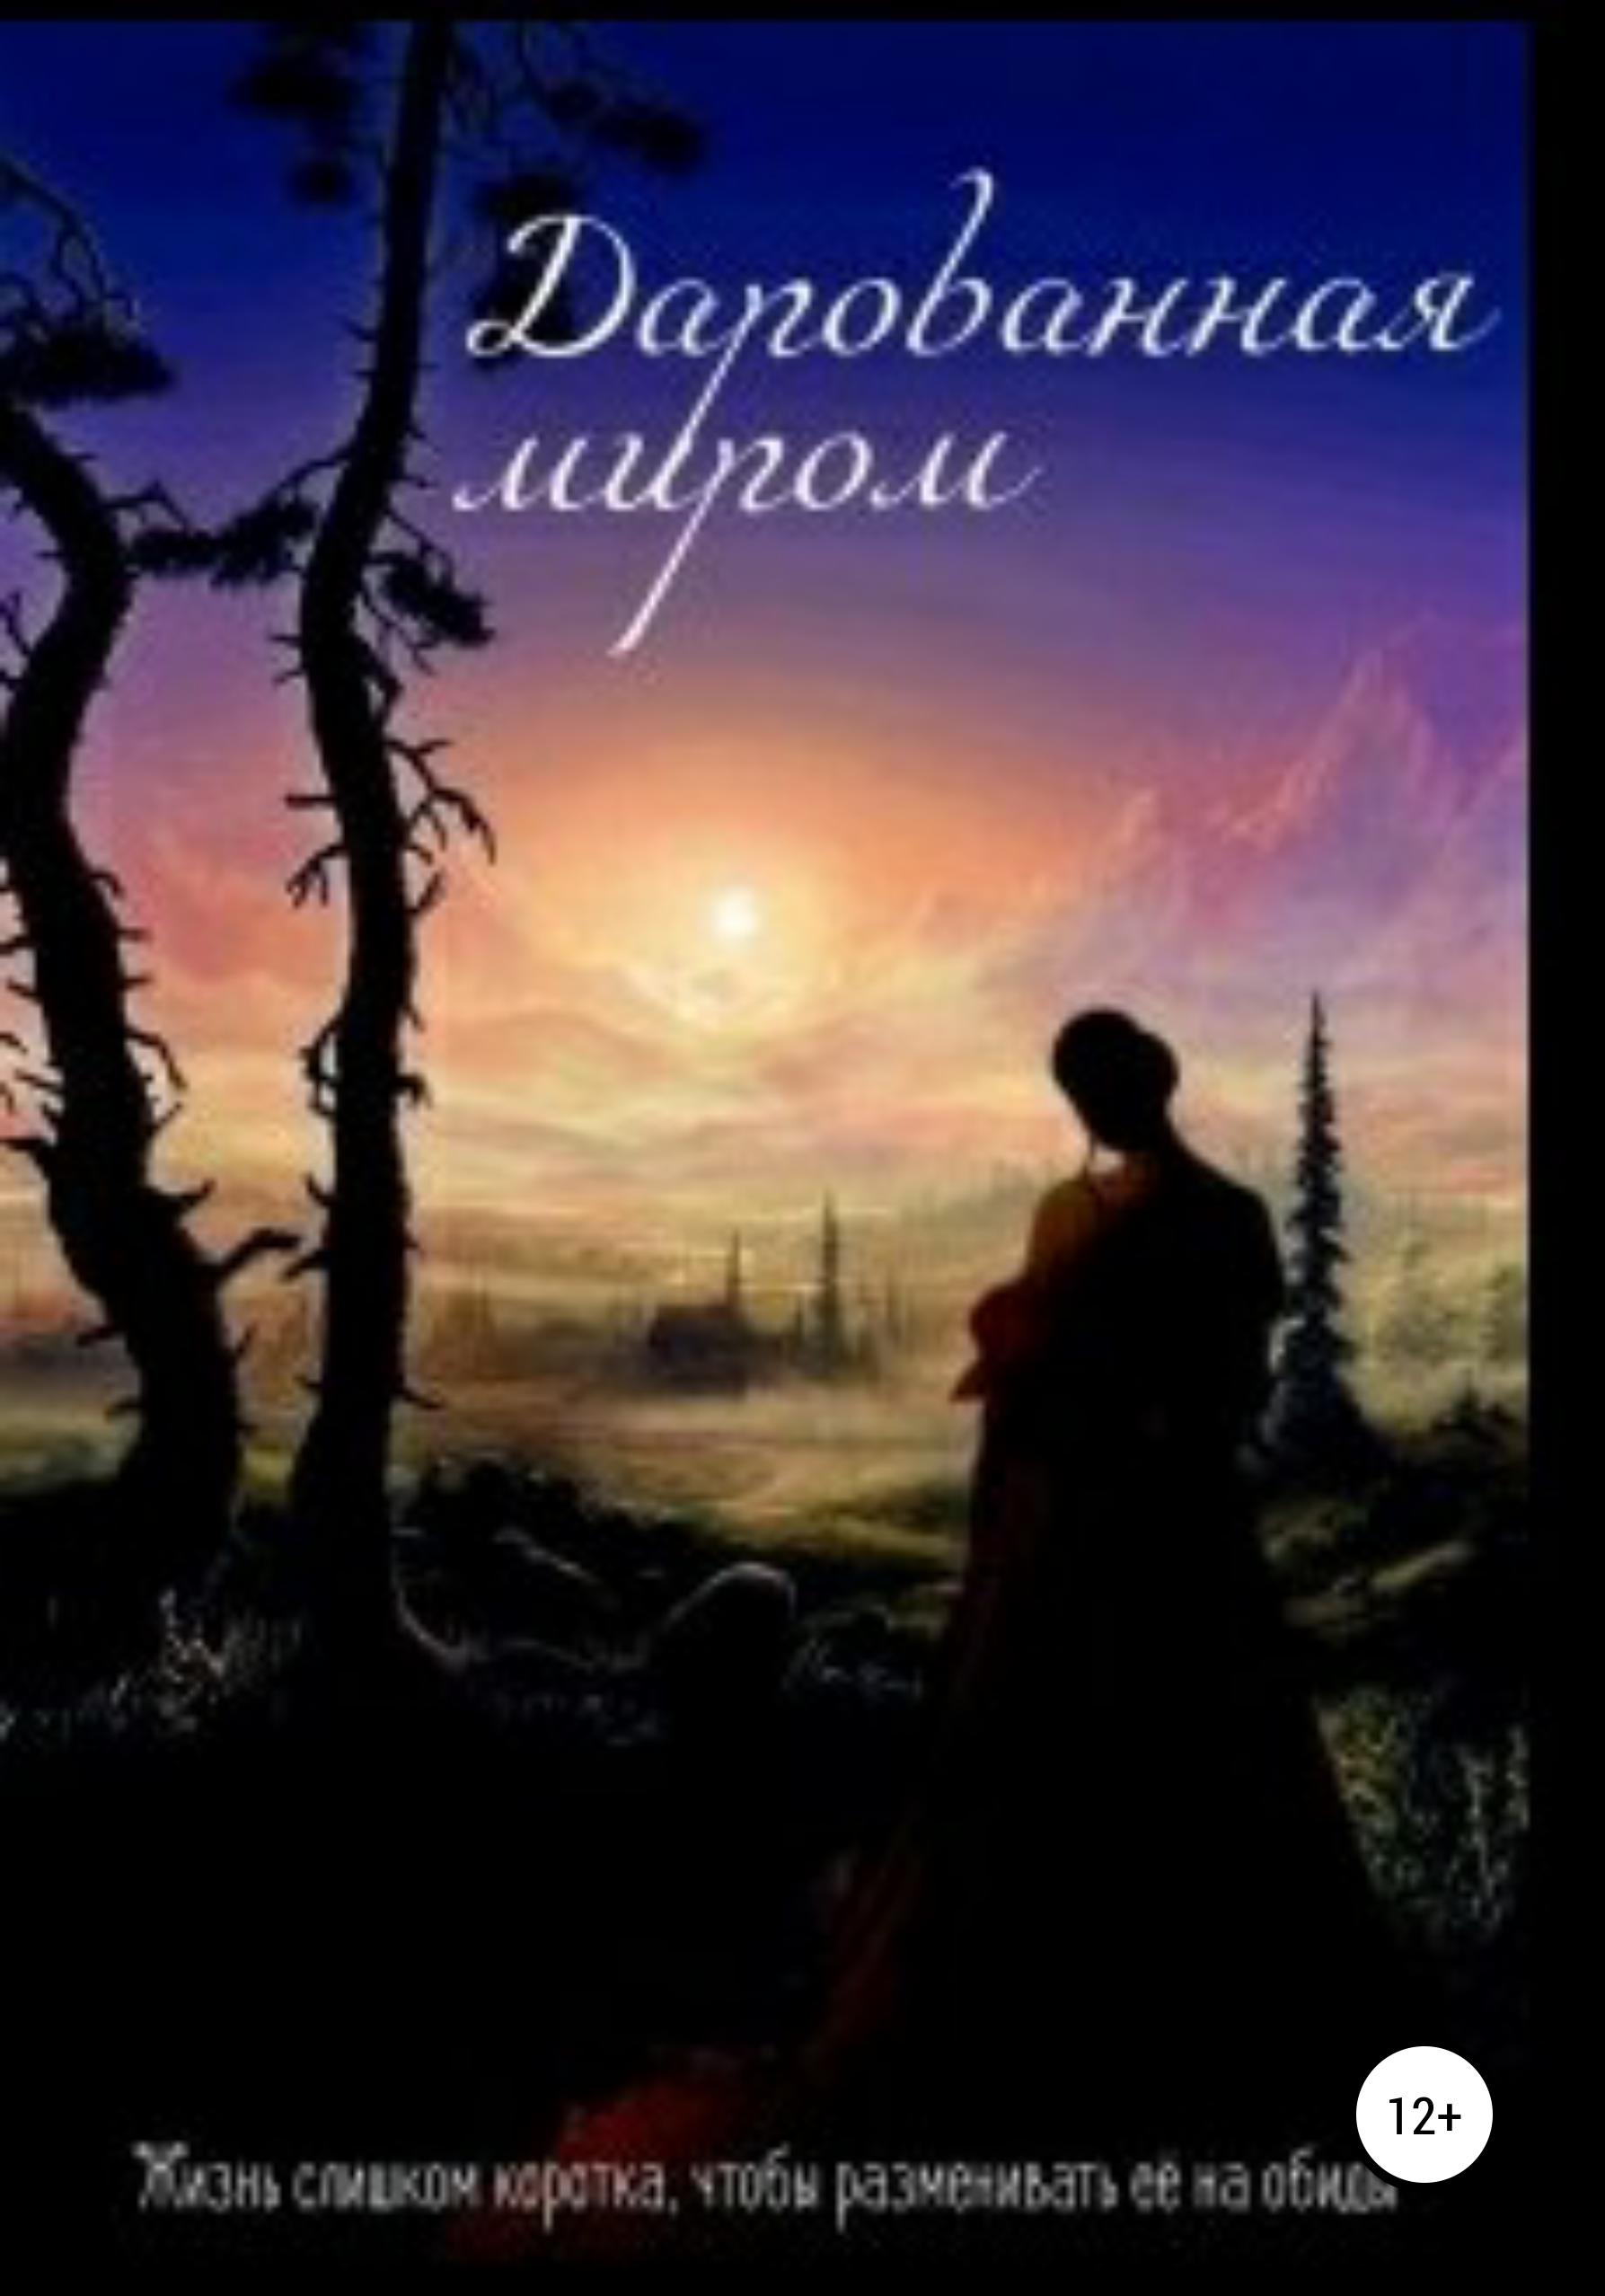 Полина Евгеньевна Исаева Дарованная миром